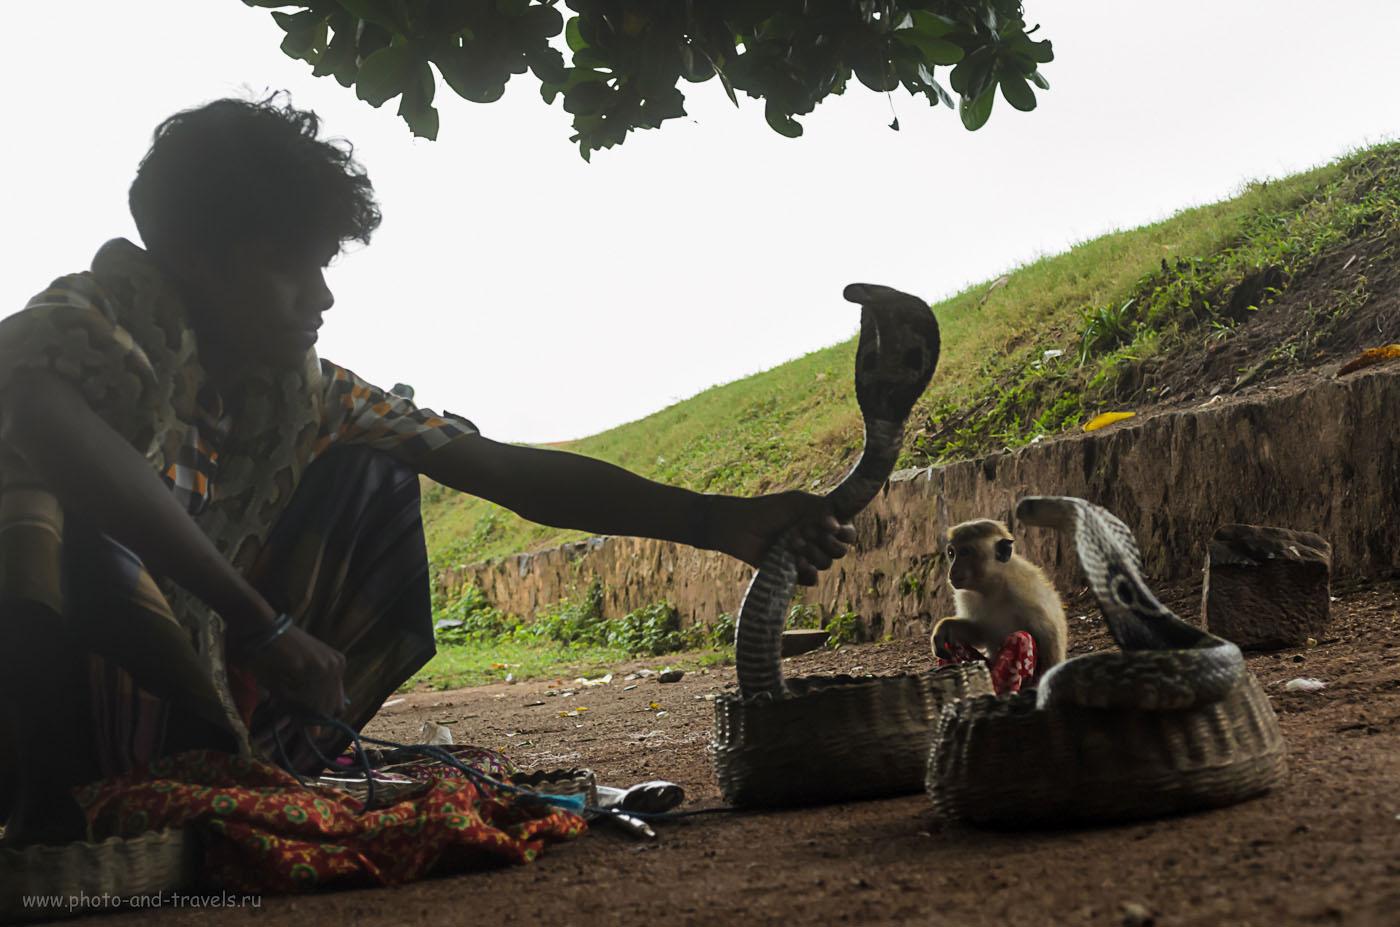 Фото 9. Заклинатель змей в форте Галле на Шри-Ланке. Отзывы туристов об отдыхе на острове самостоятельно. По дороге в Тиссамахараму.